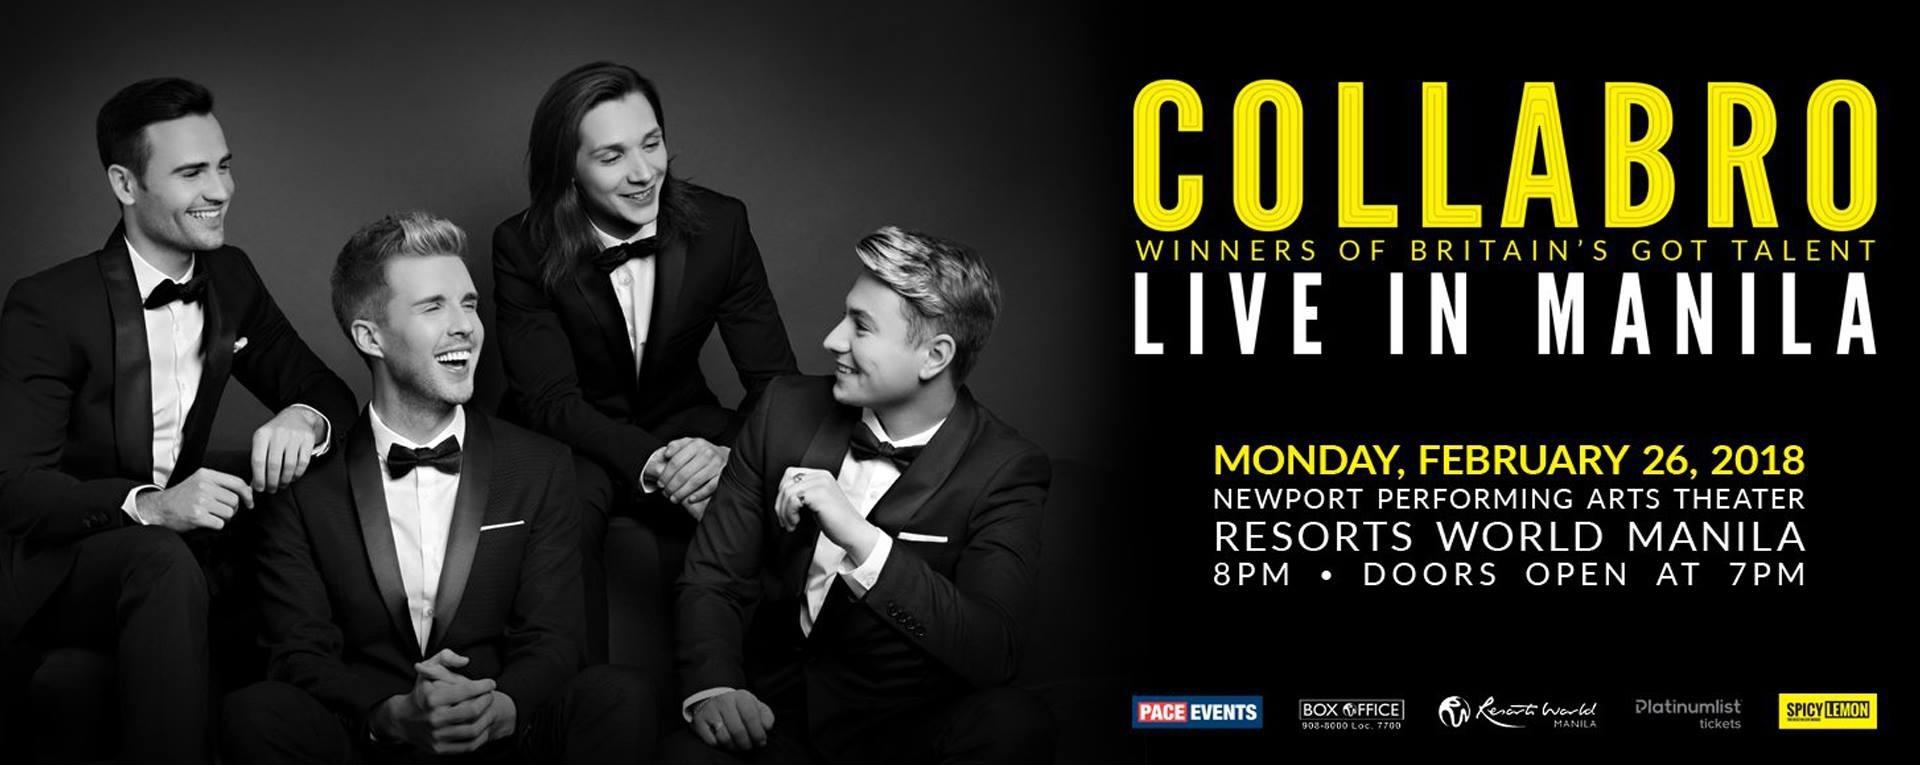 Collabro Live In Manila